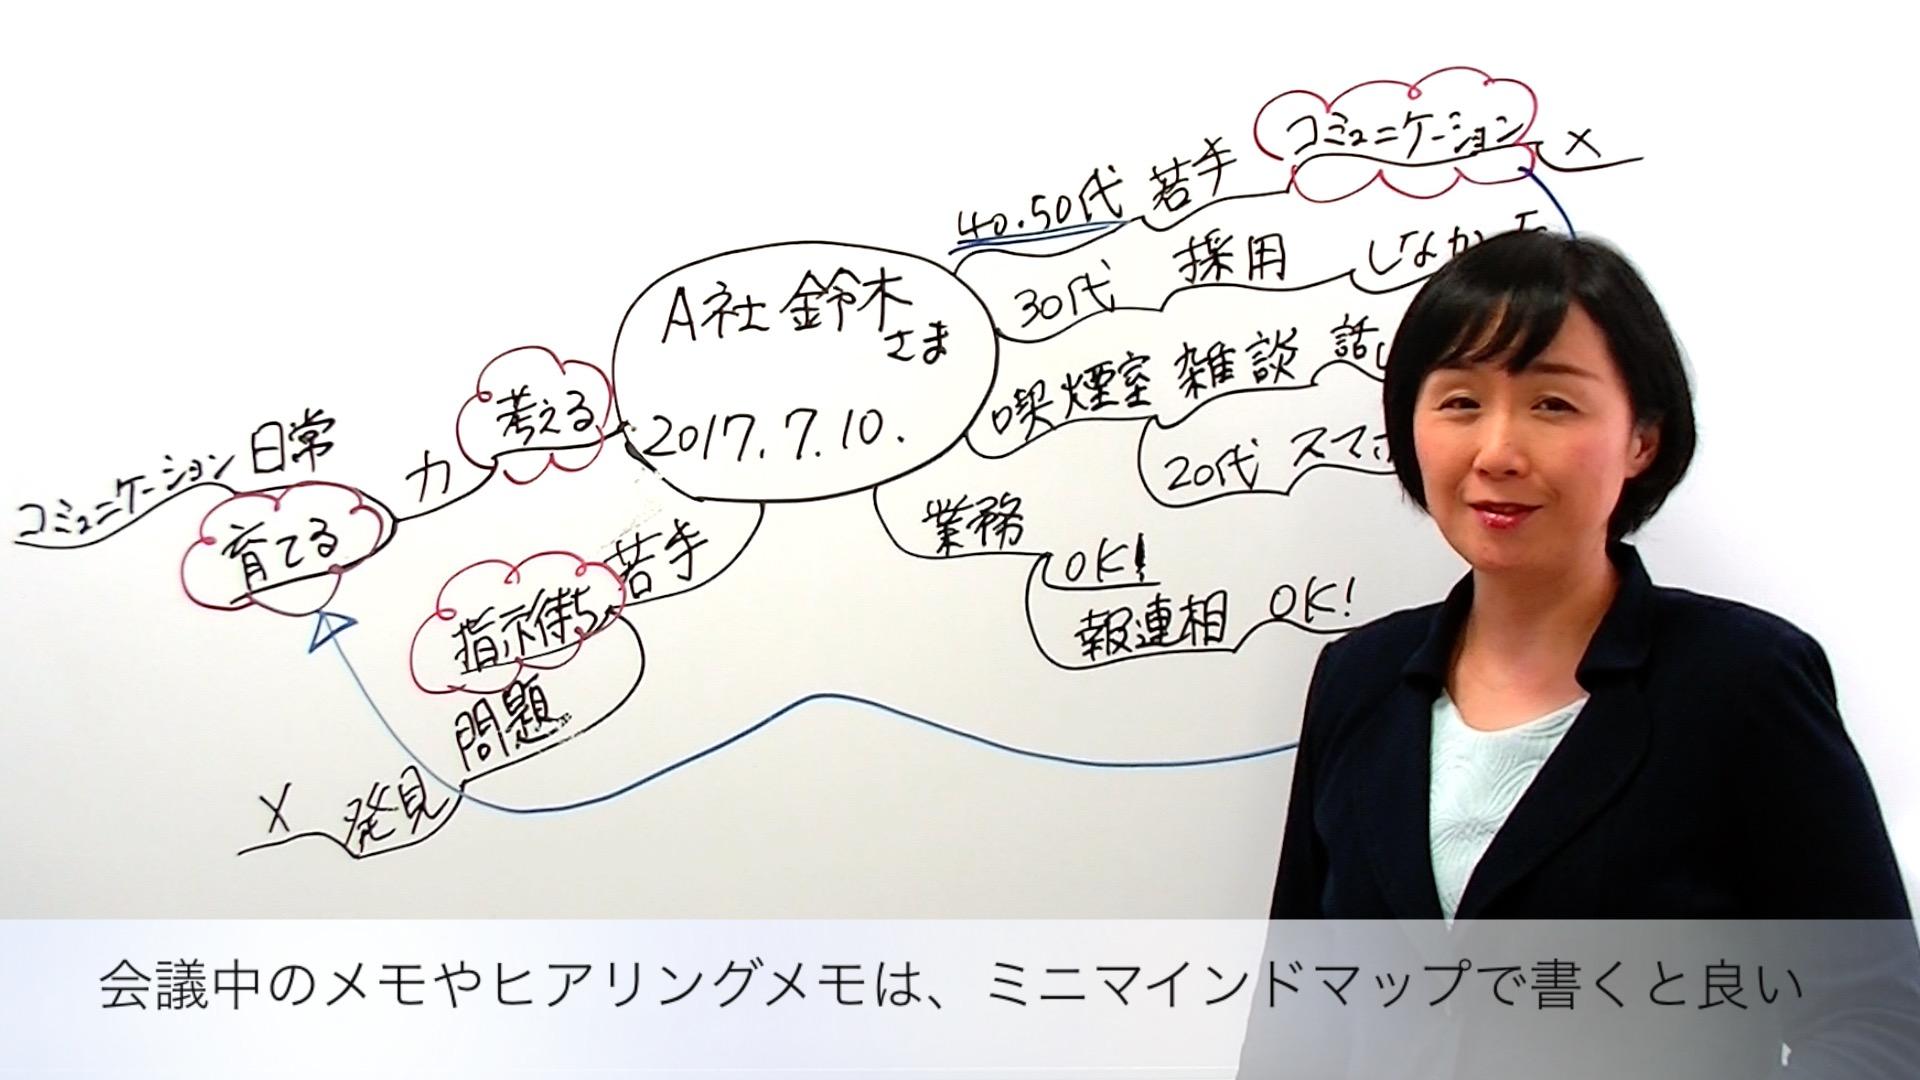 マインドマップの書き方: 基礎編 ~ ヒアリングメモ